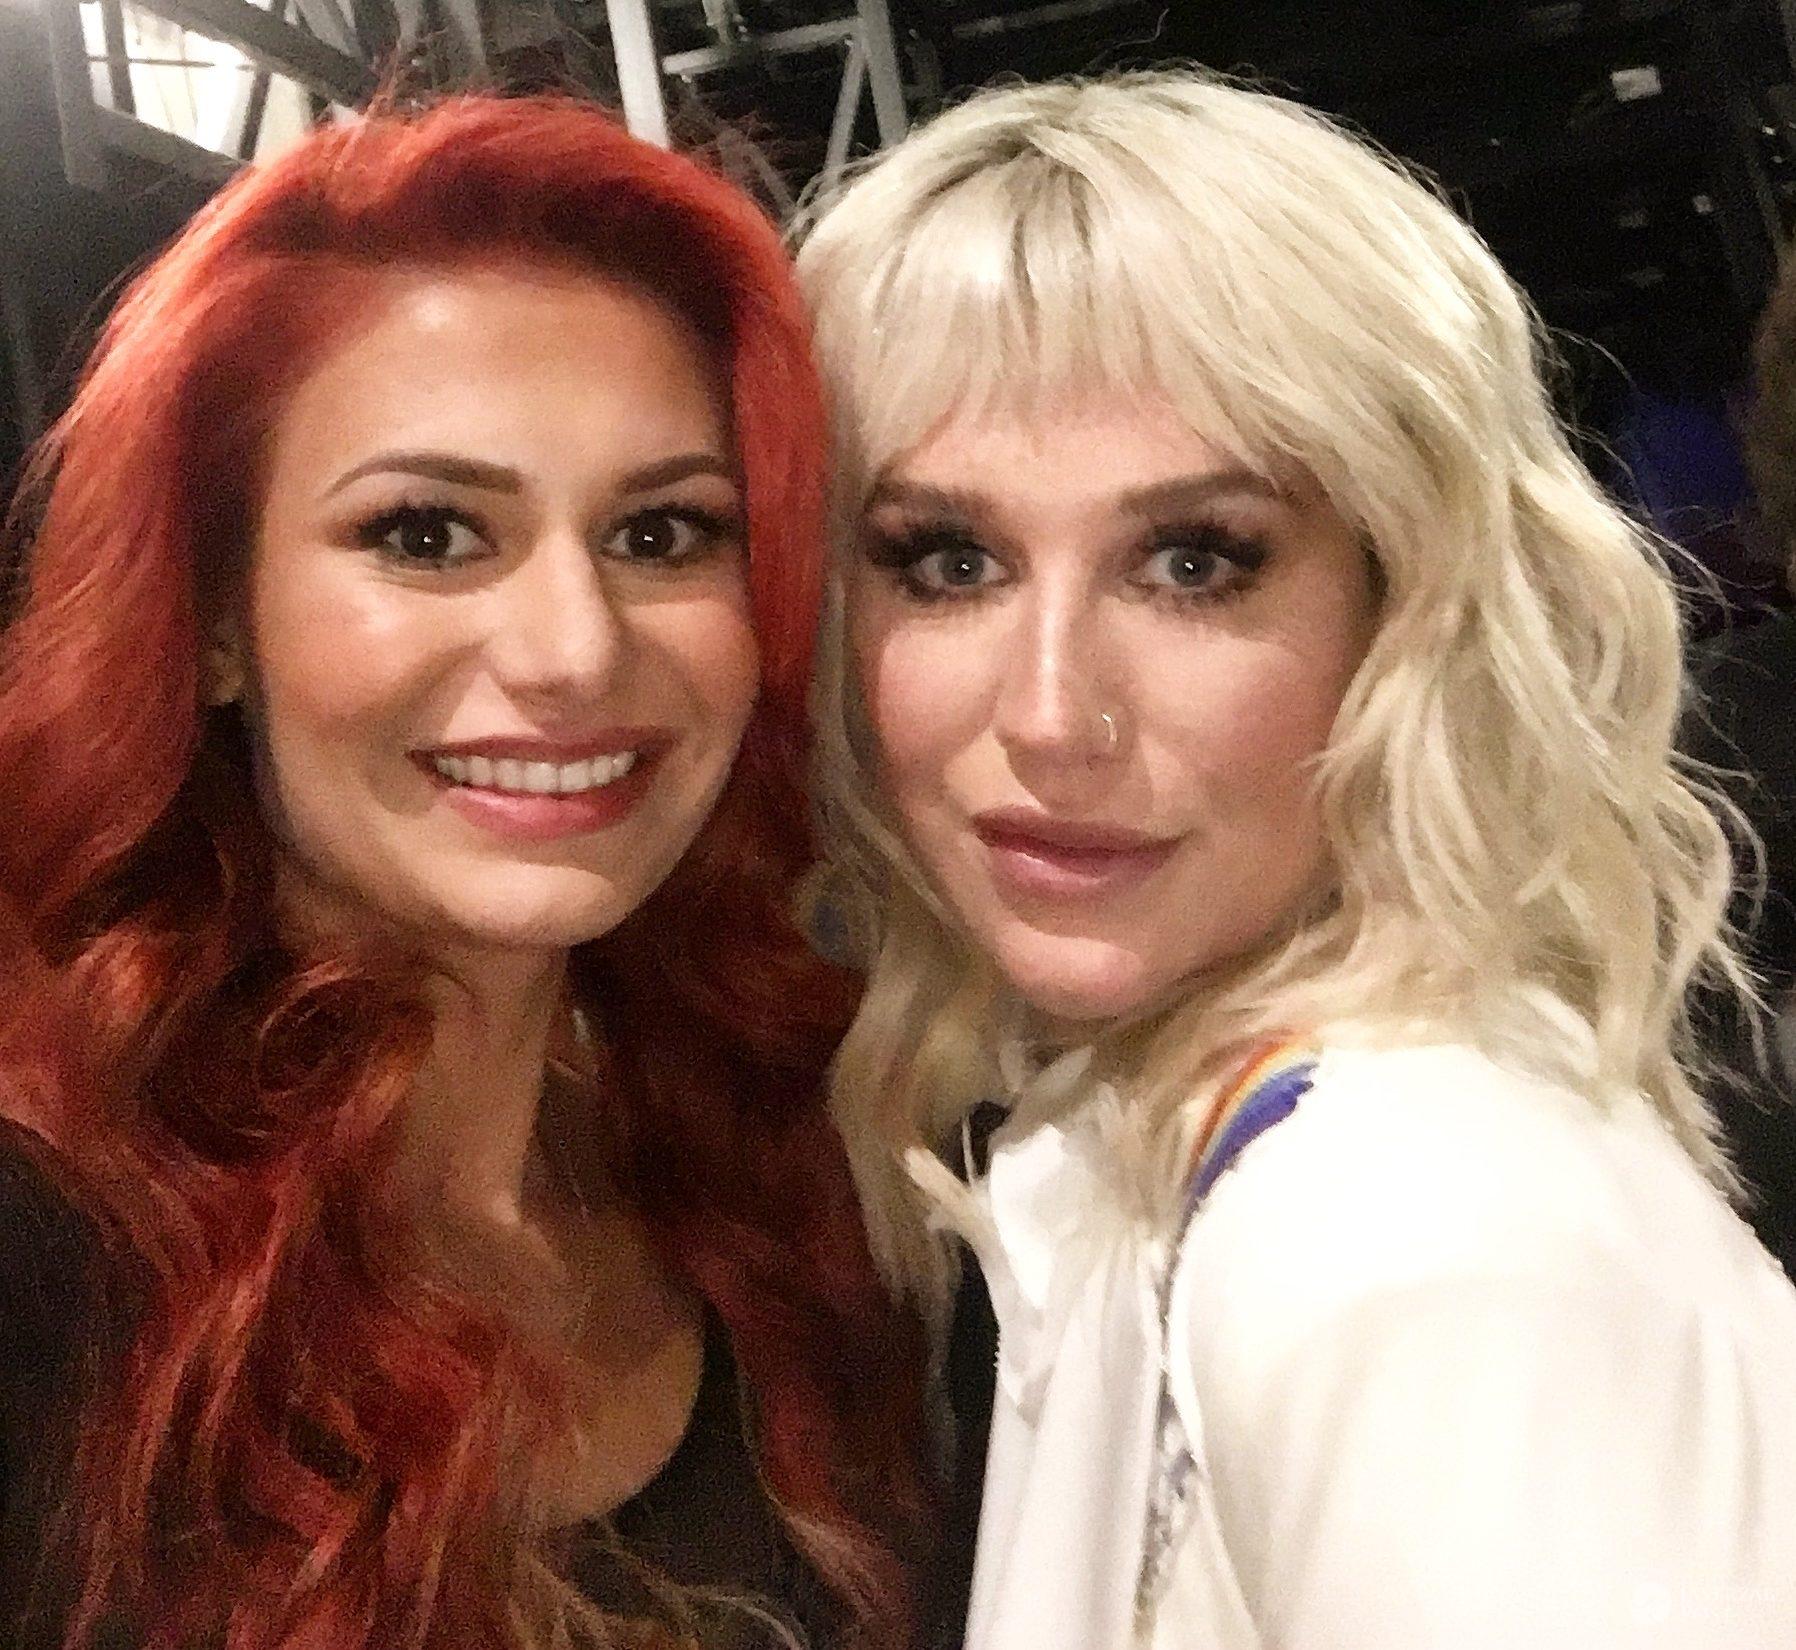 Aleksandra Gintrowska i Kesha, gala Billboard Music Awards 2016 (fot. Jastrząb Post Exclusive)